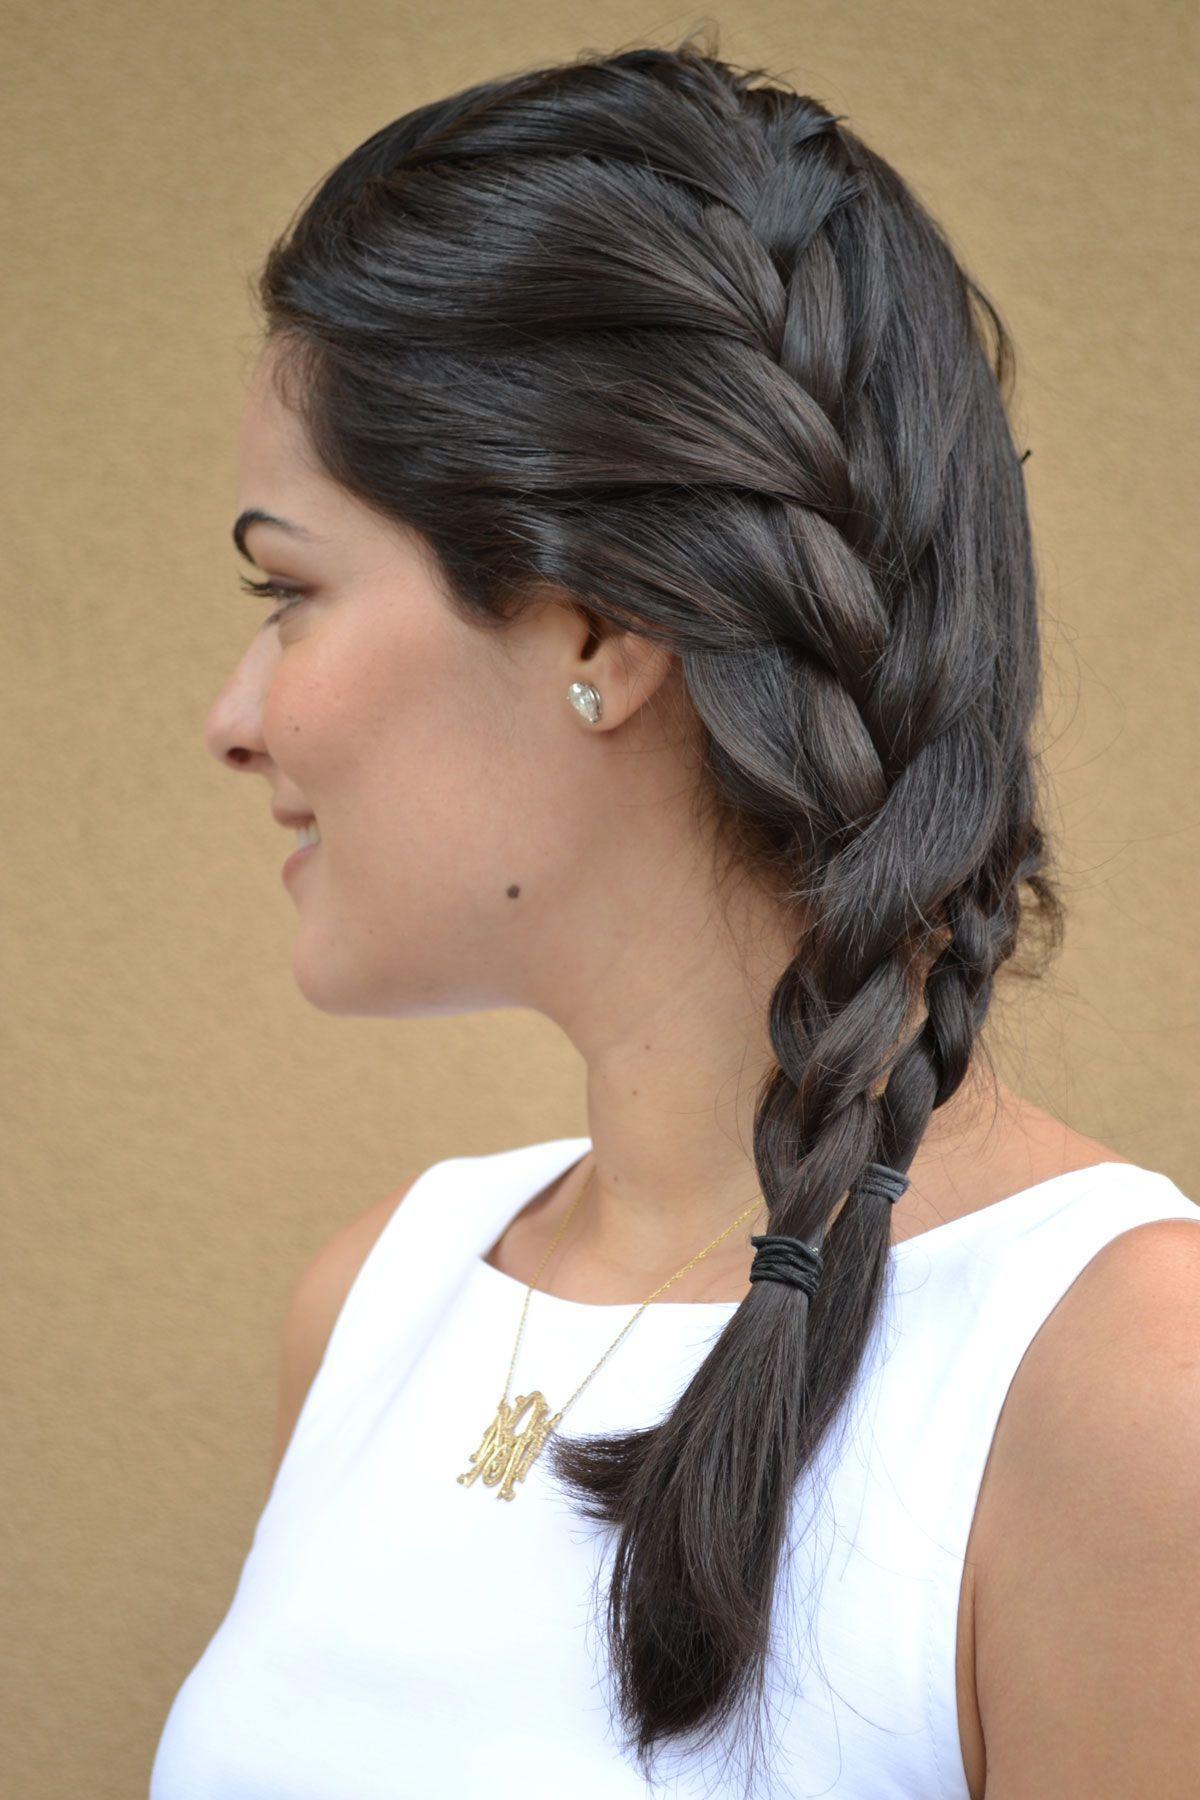 """Foto: Reprodução / <a href=""""http://www.blogdamariah.com.br/index.php/2011/10/look-do-dia-cintura-marcada"""" target=""""_blank"""">Blog da Mariah</a>"""